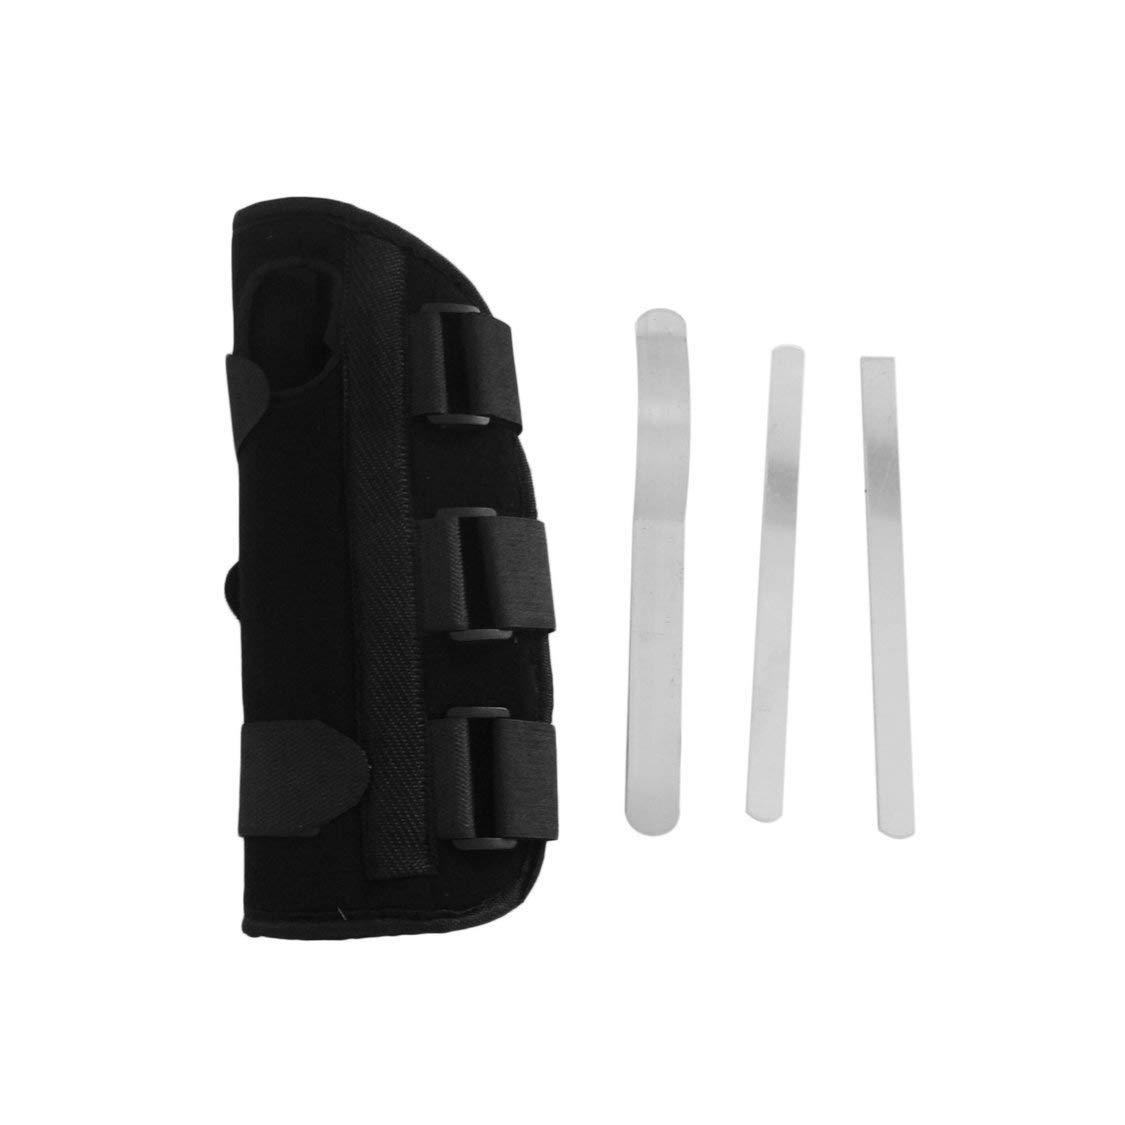 Strap Vige Support Handgelenkschiene Protective Damen Brace v76fgbyY